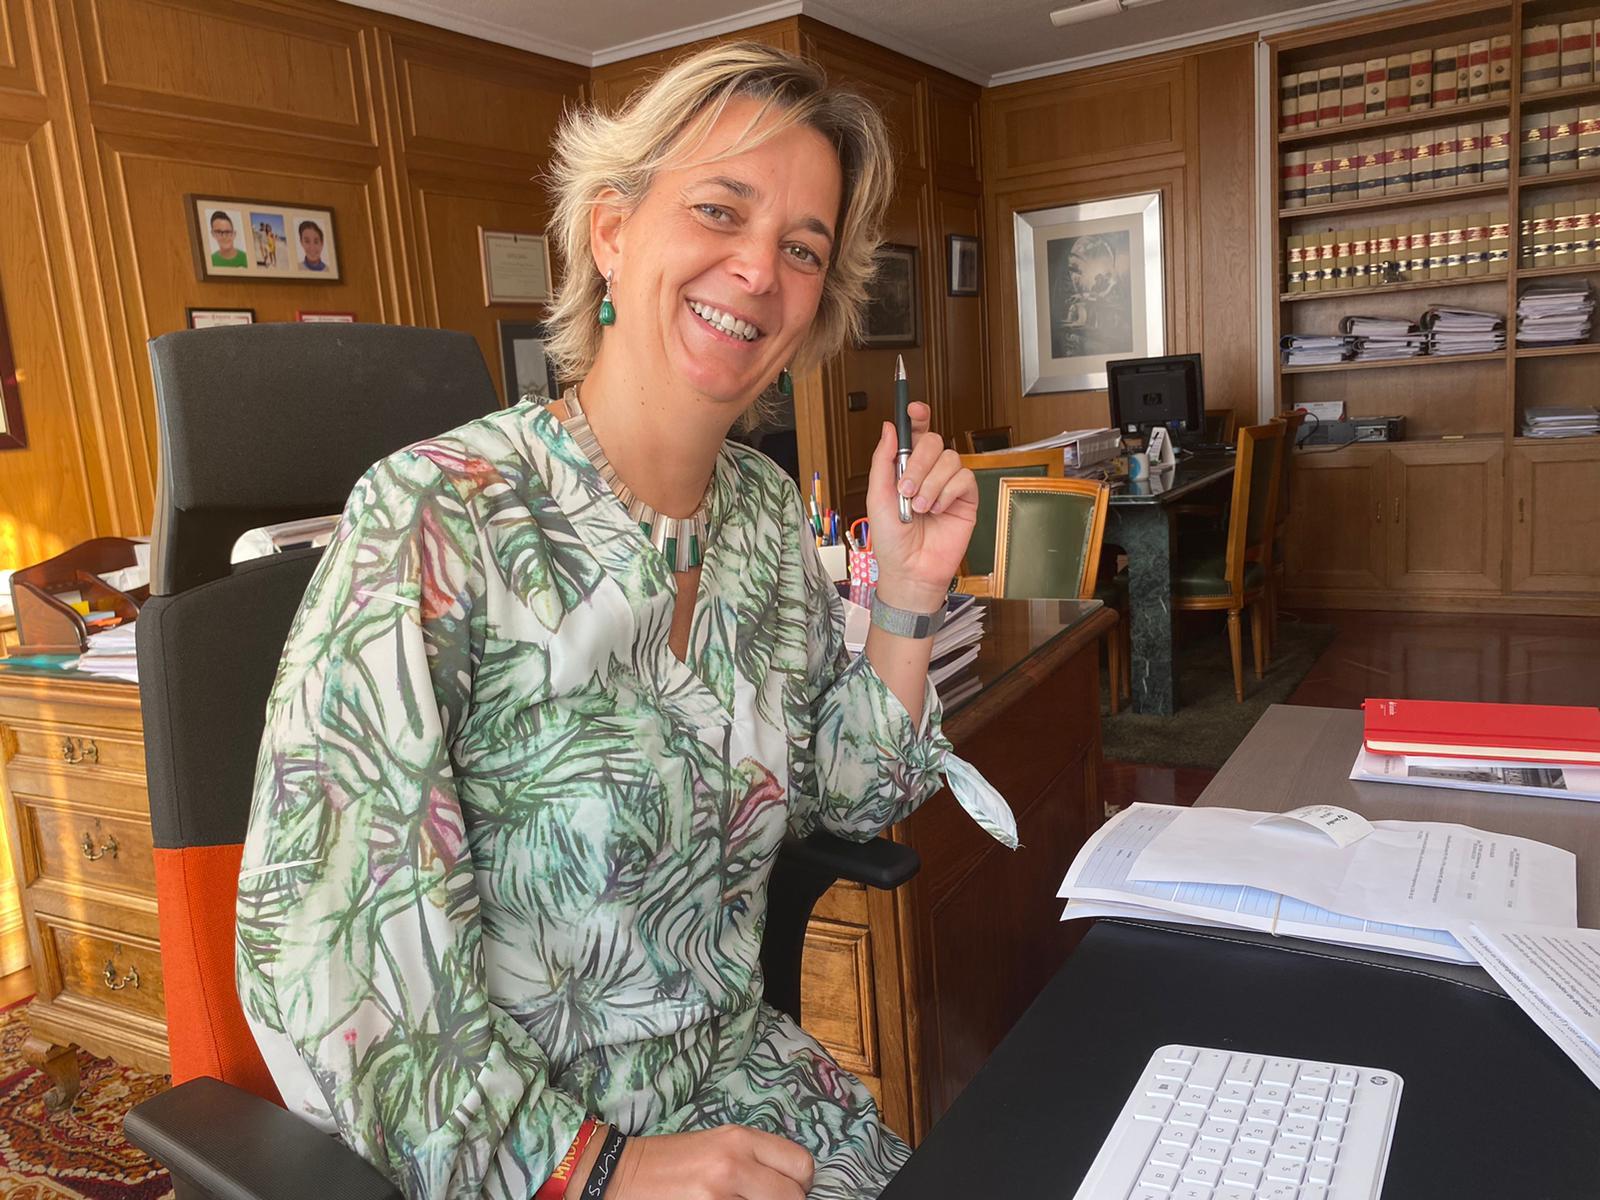 Amaya Rodríguez Sanz